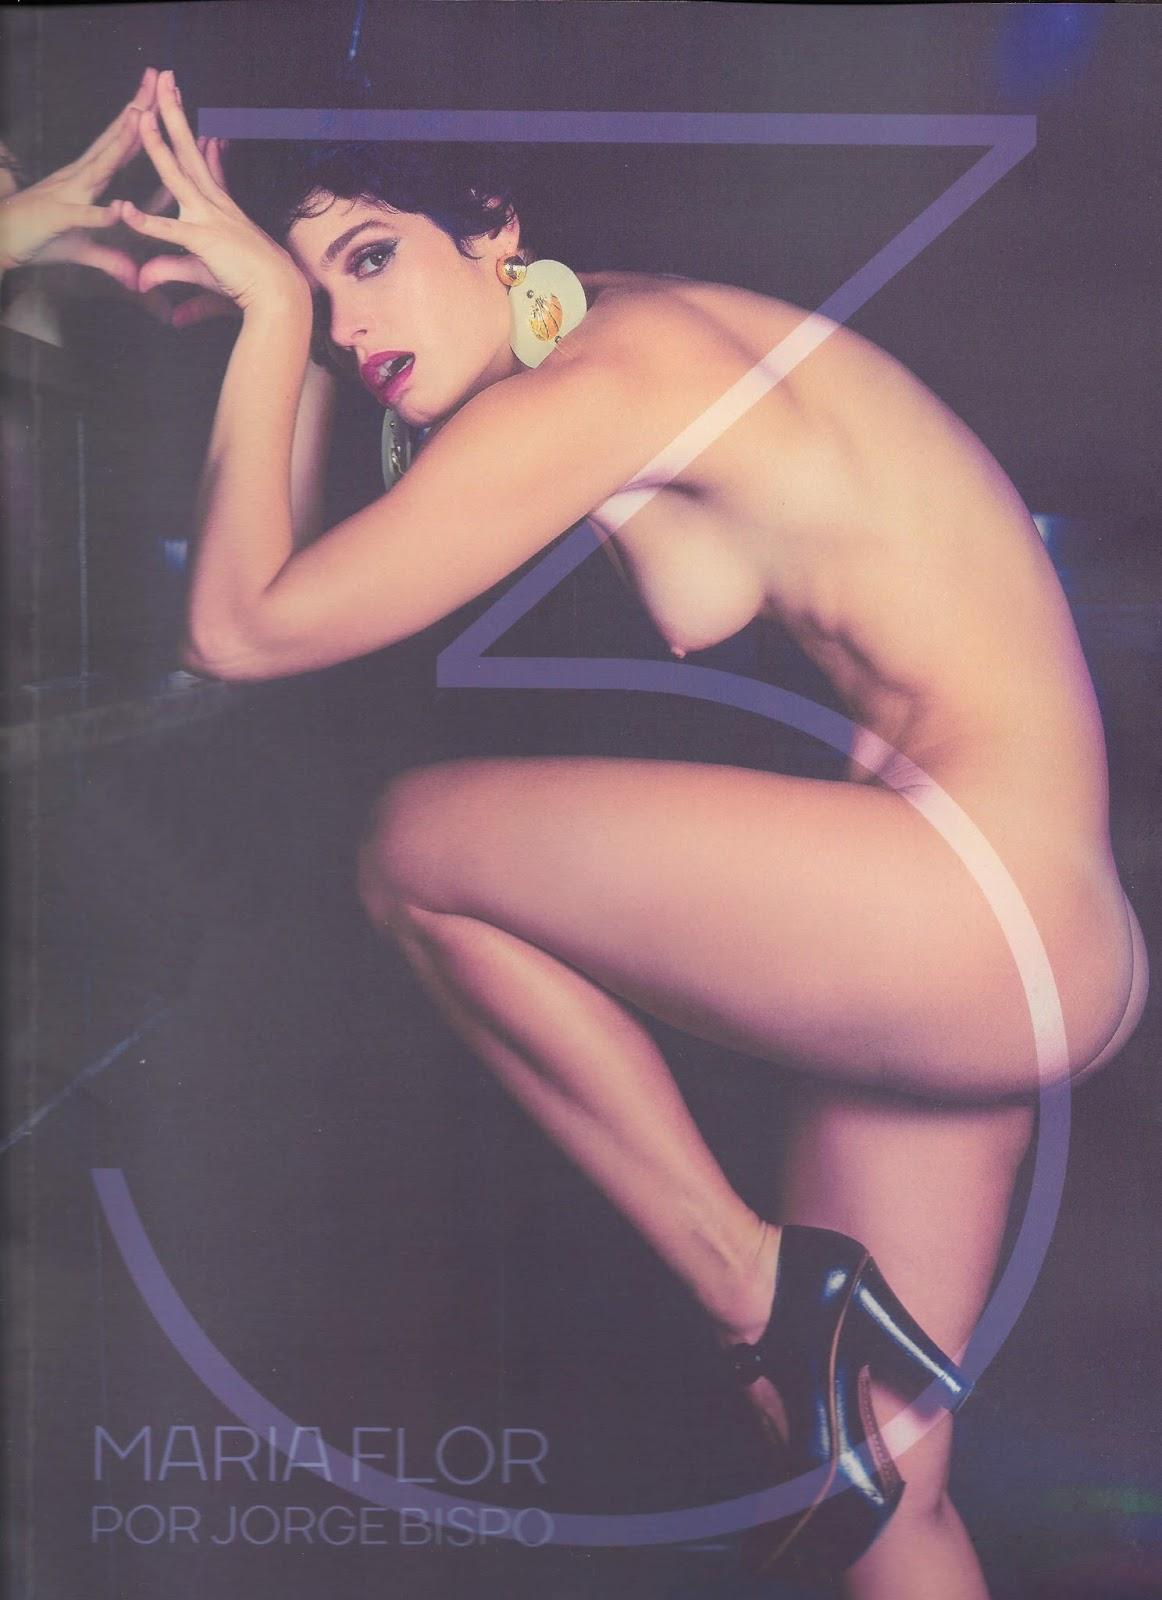 Maria Flor nua na Revista #3